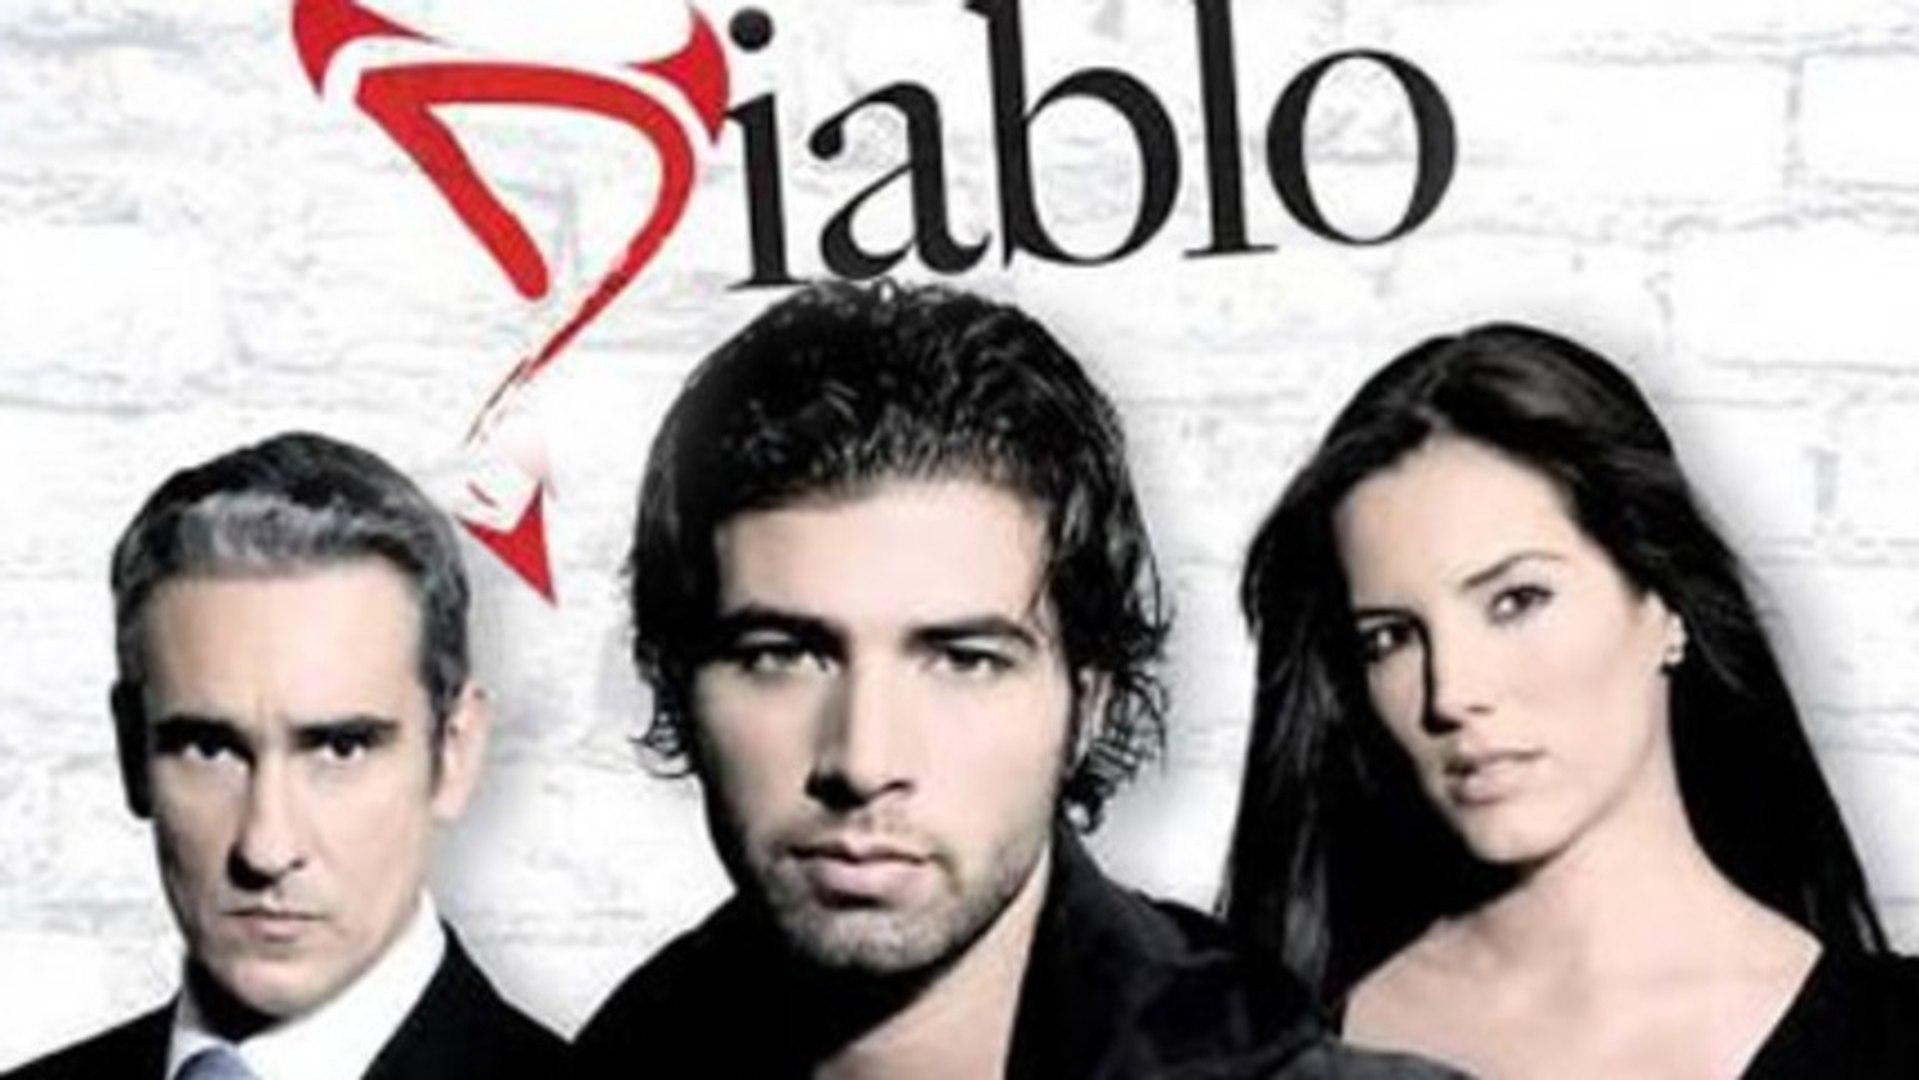 Télénovela: EL DIABLO fait son grand retour sur Novelas TV